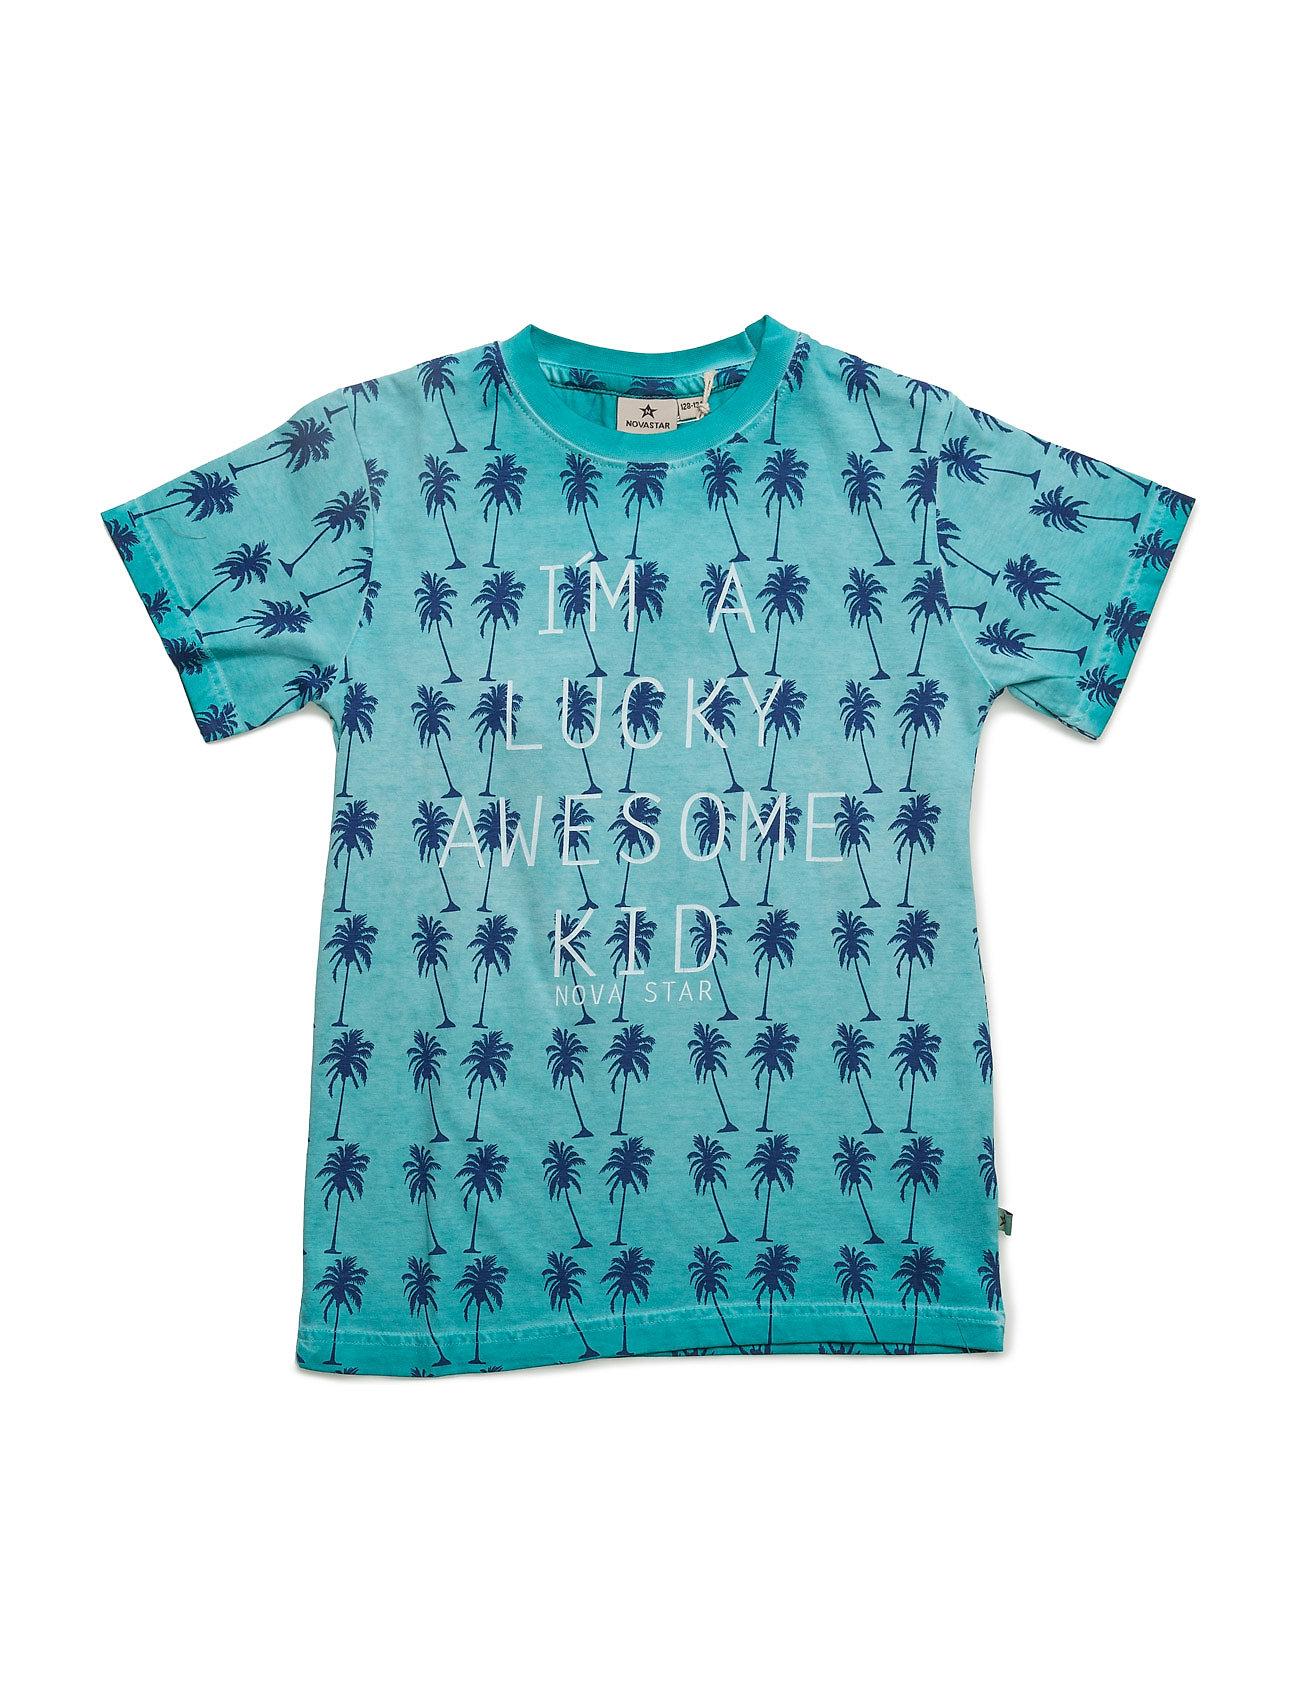 Awesome Tee NOVA STAR Kortærmede t-shirts til Børn i